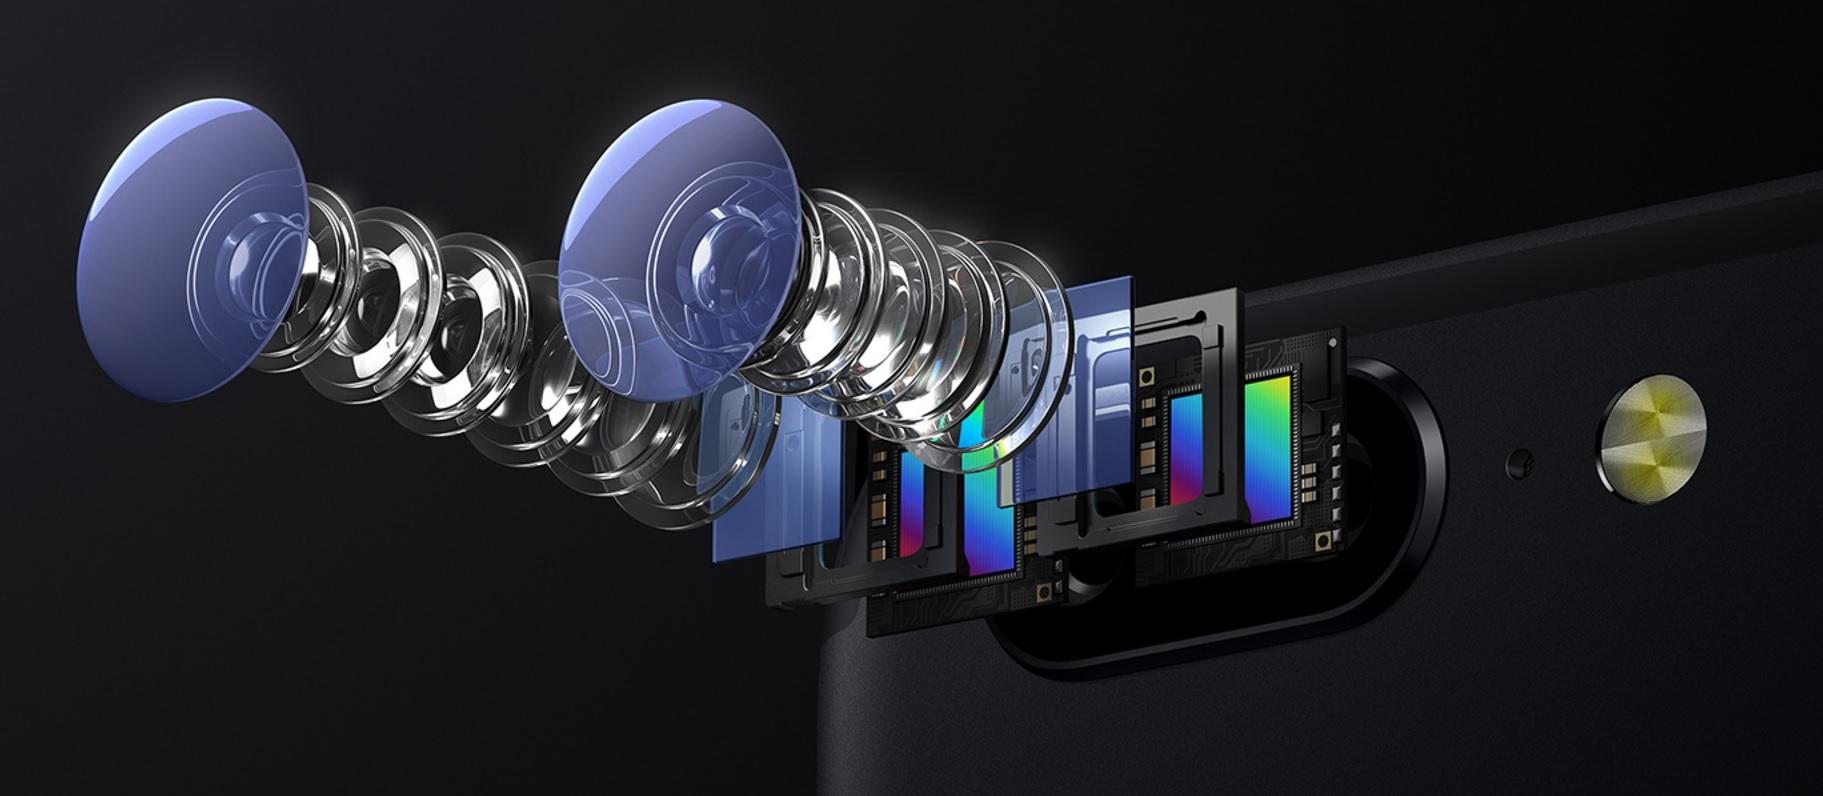 4.5.7-oppdateringen forbedrer mobilen på mange måter.